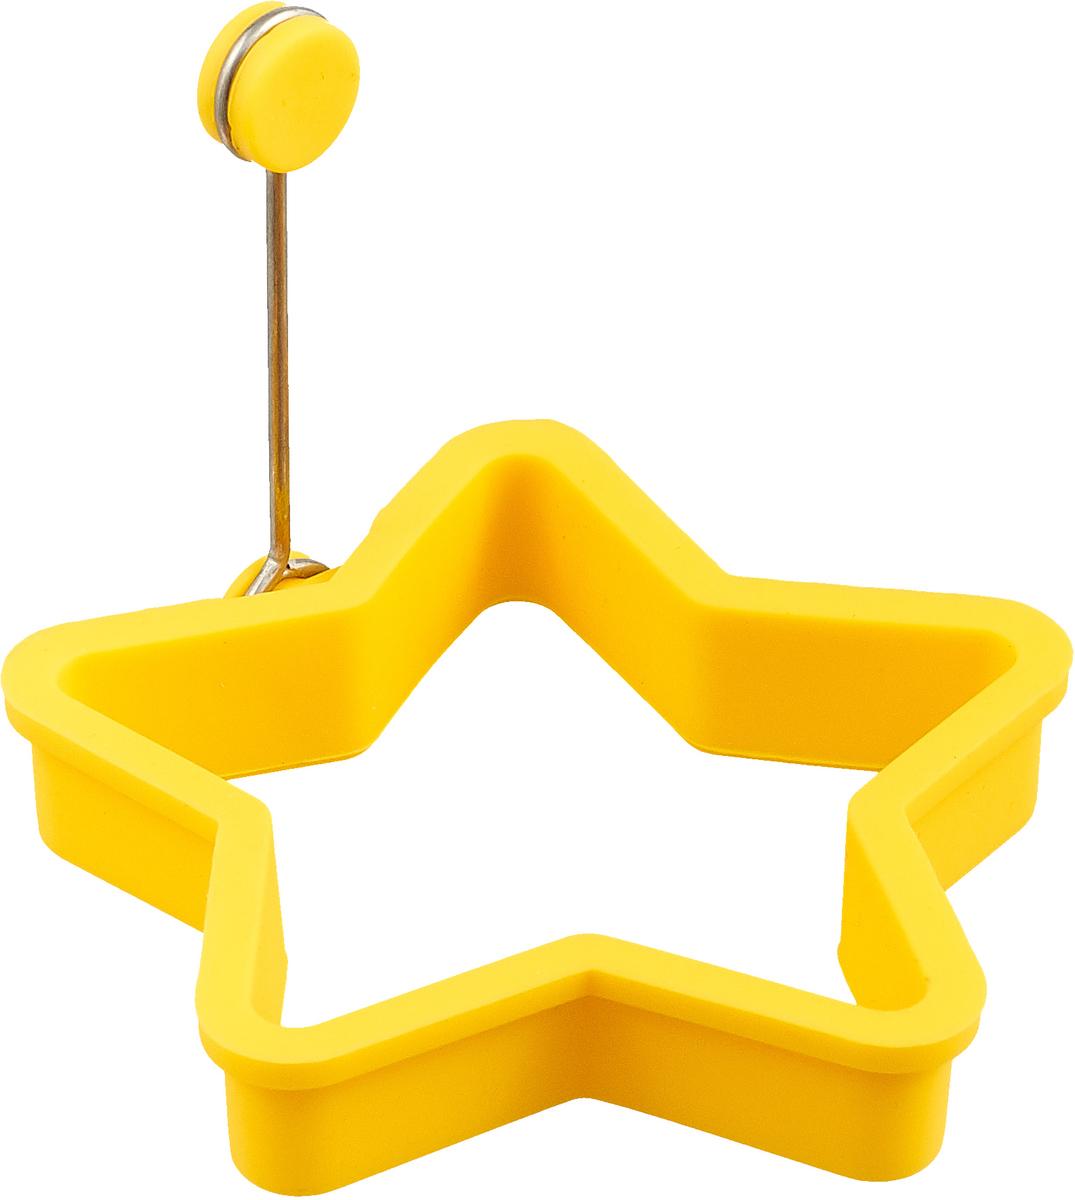 Форма для яичницы и блинов Доляна Звезда 10 см, цвет: желтый861112_желтыйФорма для яичницы и блинов Доляна Звезда 10 см, цвет: желтый